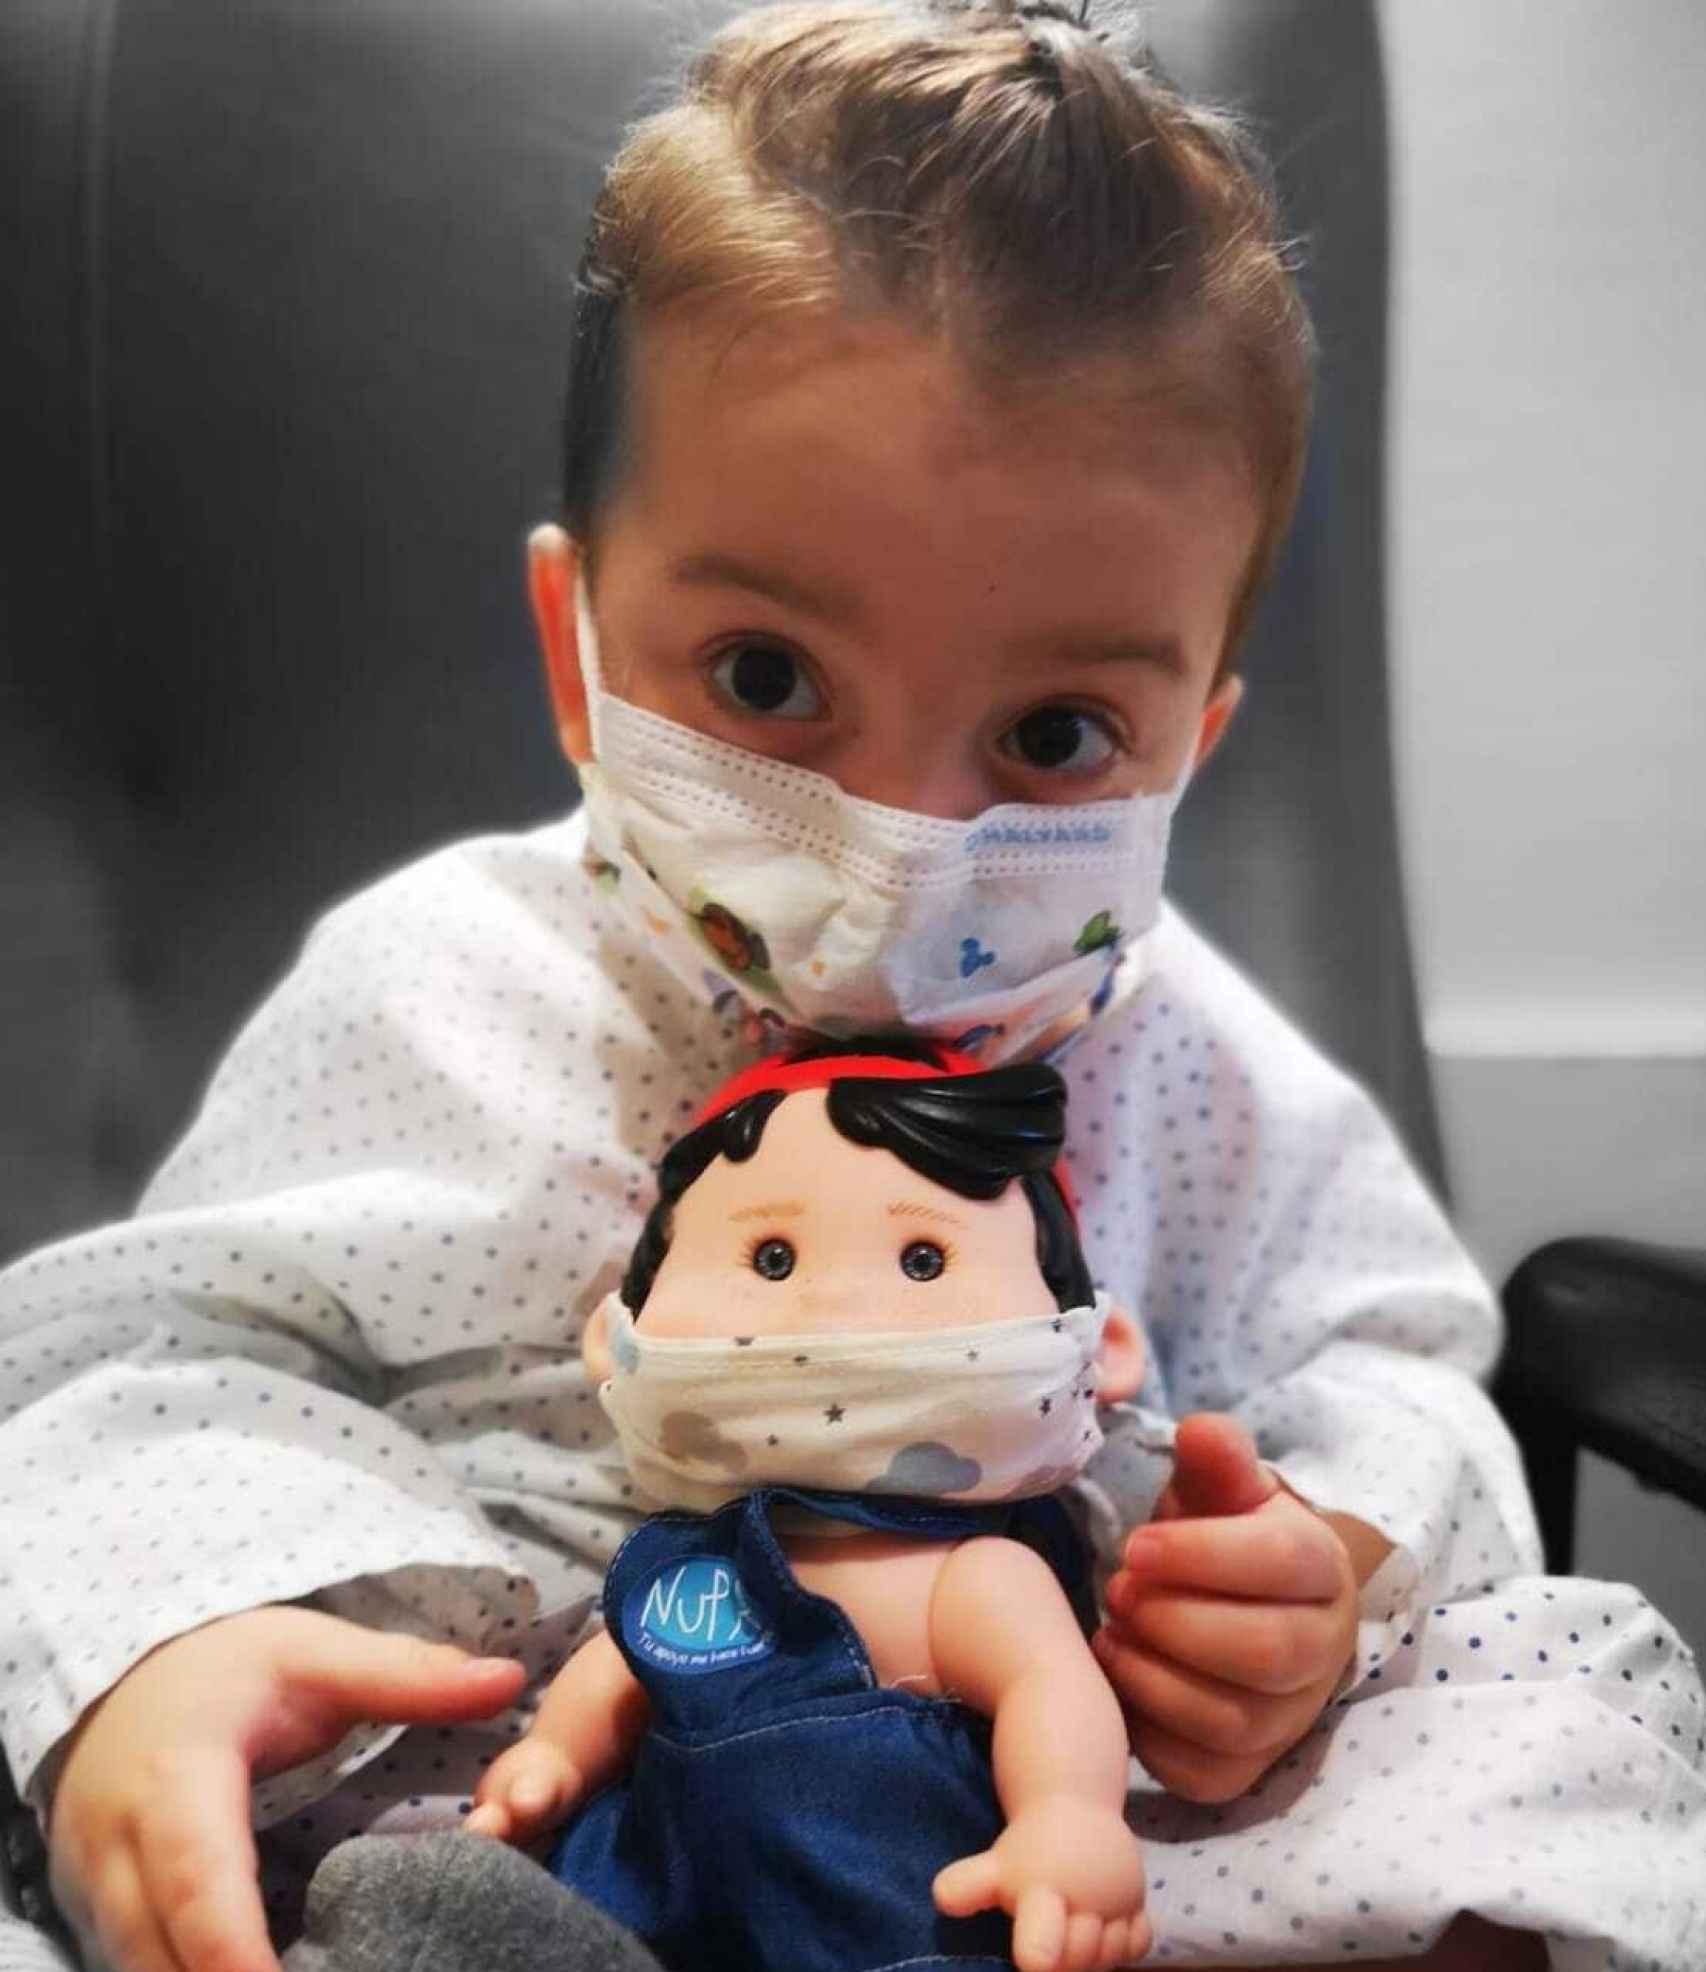 El pequeño Victor con un muñeco, en el hospital.